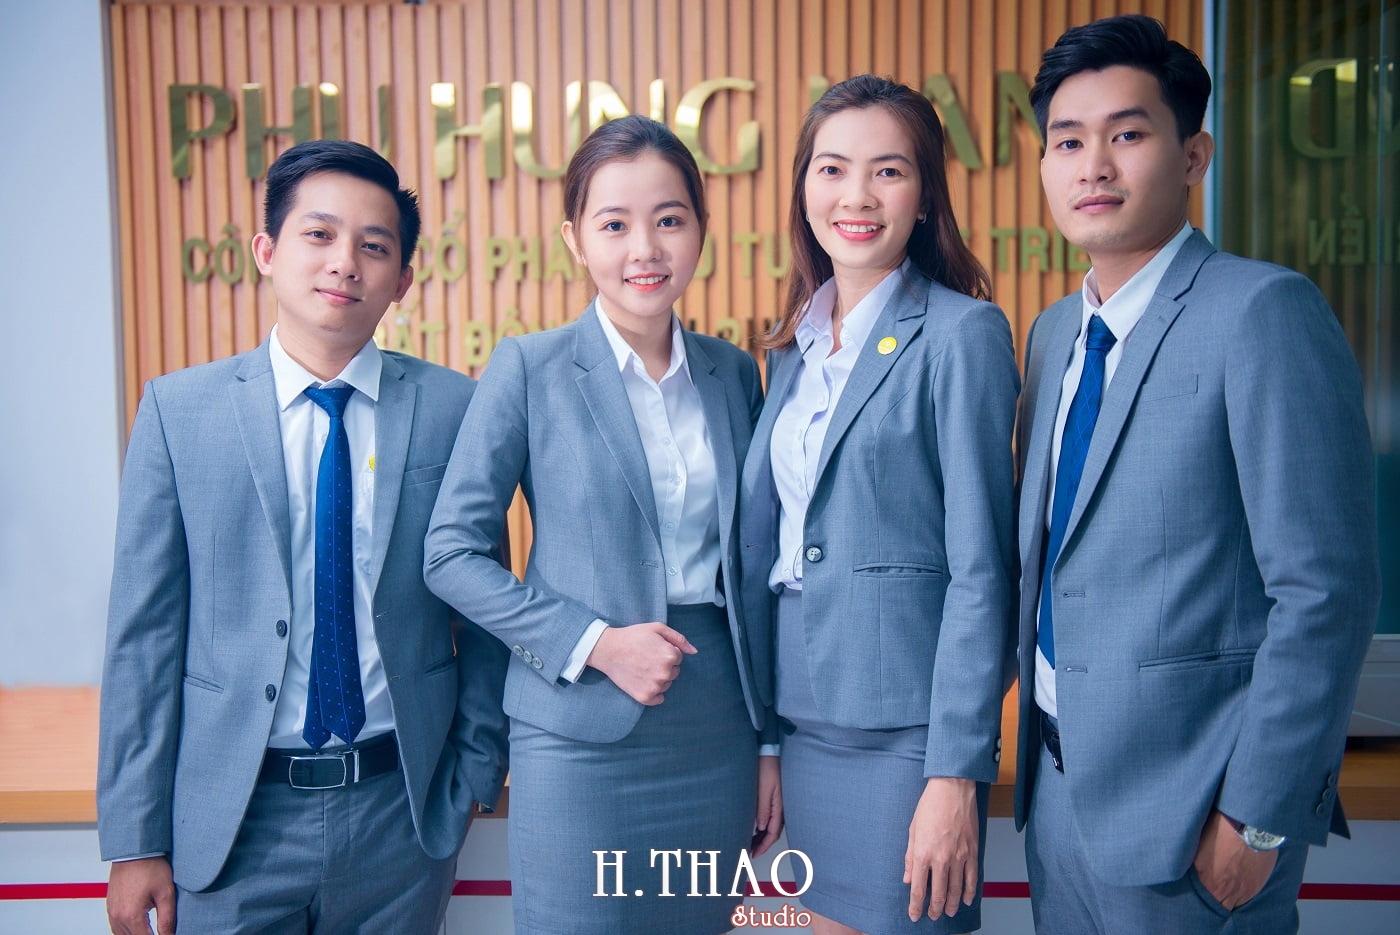 Phu Hung Land 1 - Album ảnh profile nhân sự công ty Phu Hung Land – HThao Studio